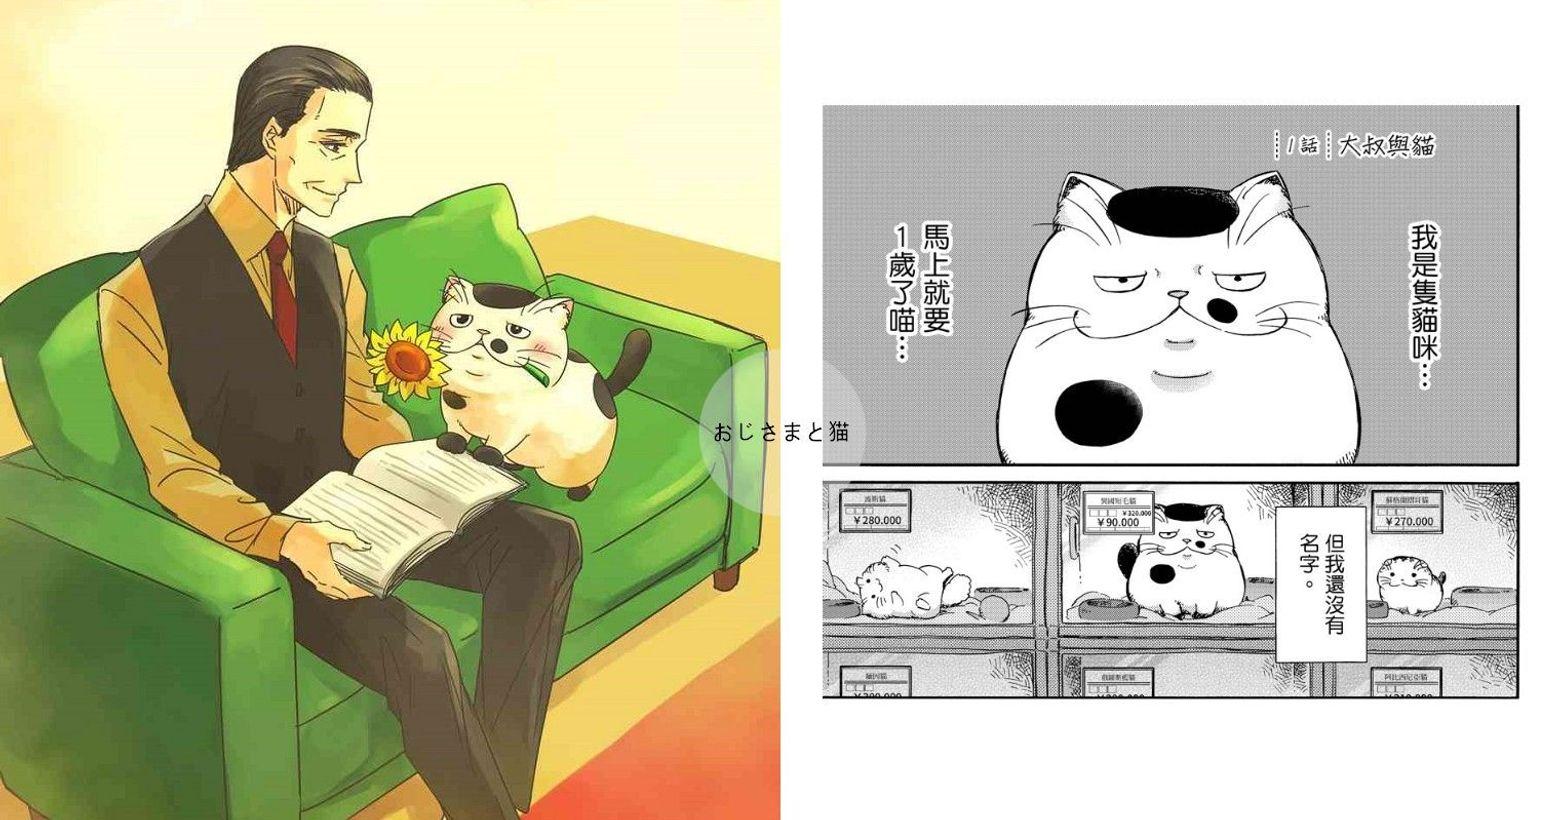 【漫畫】貓奴必看!《大叔與貓》療癒又感人,你是不是也養著一隻「福丸」?2021.02.04/文:Yu